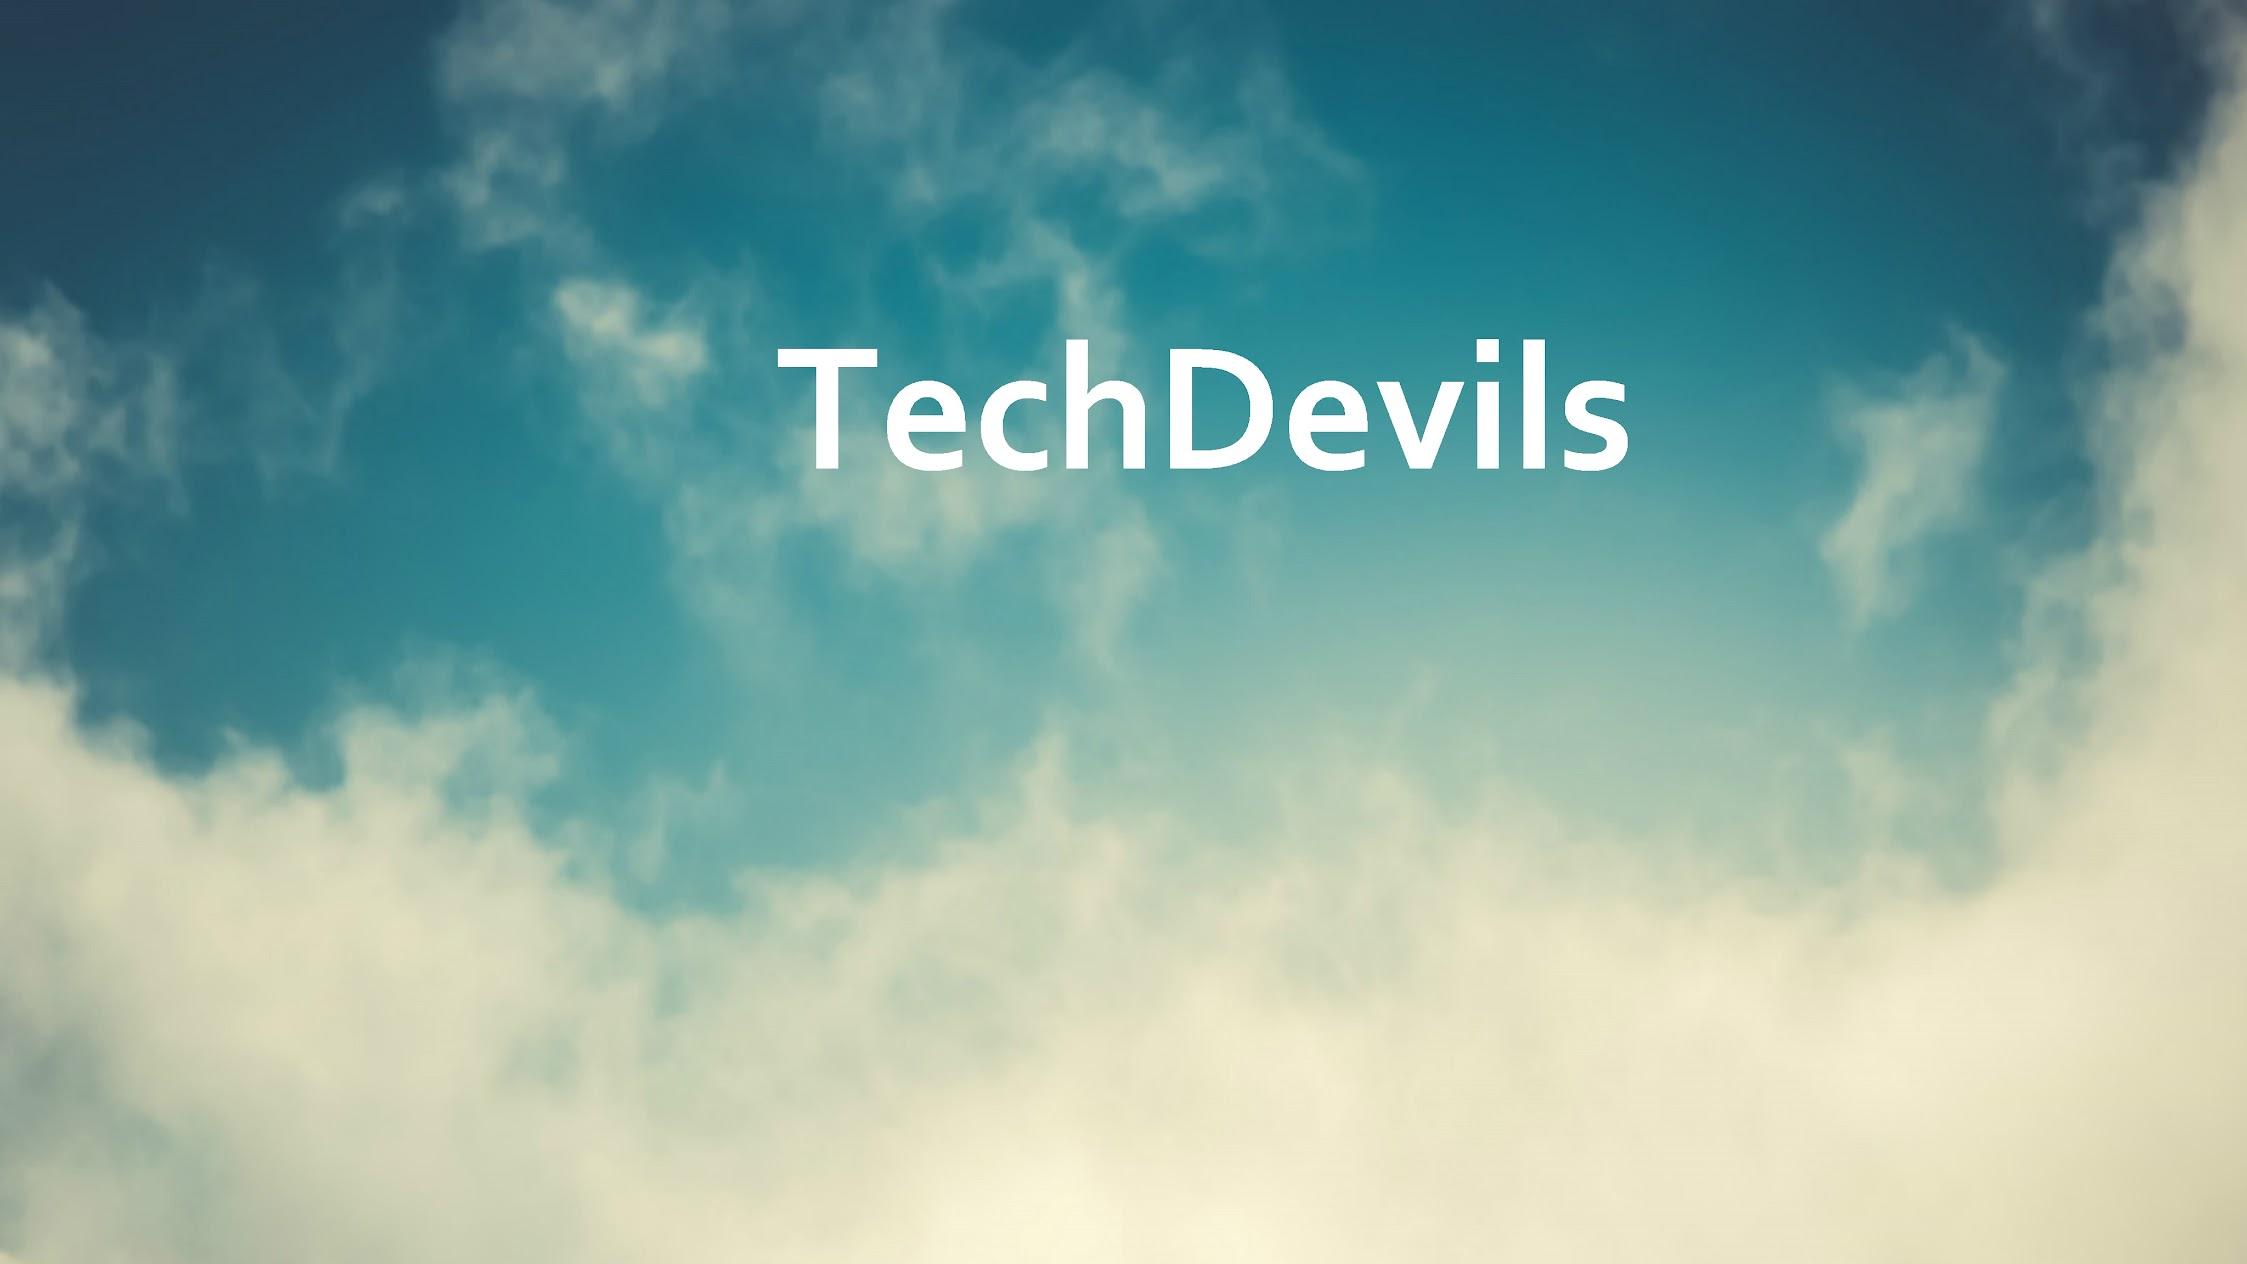 TechDevils.com